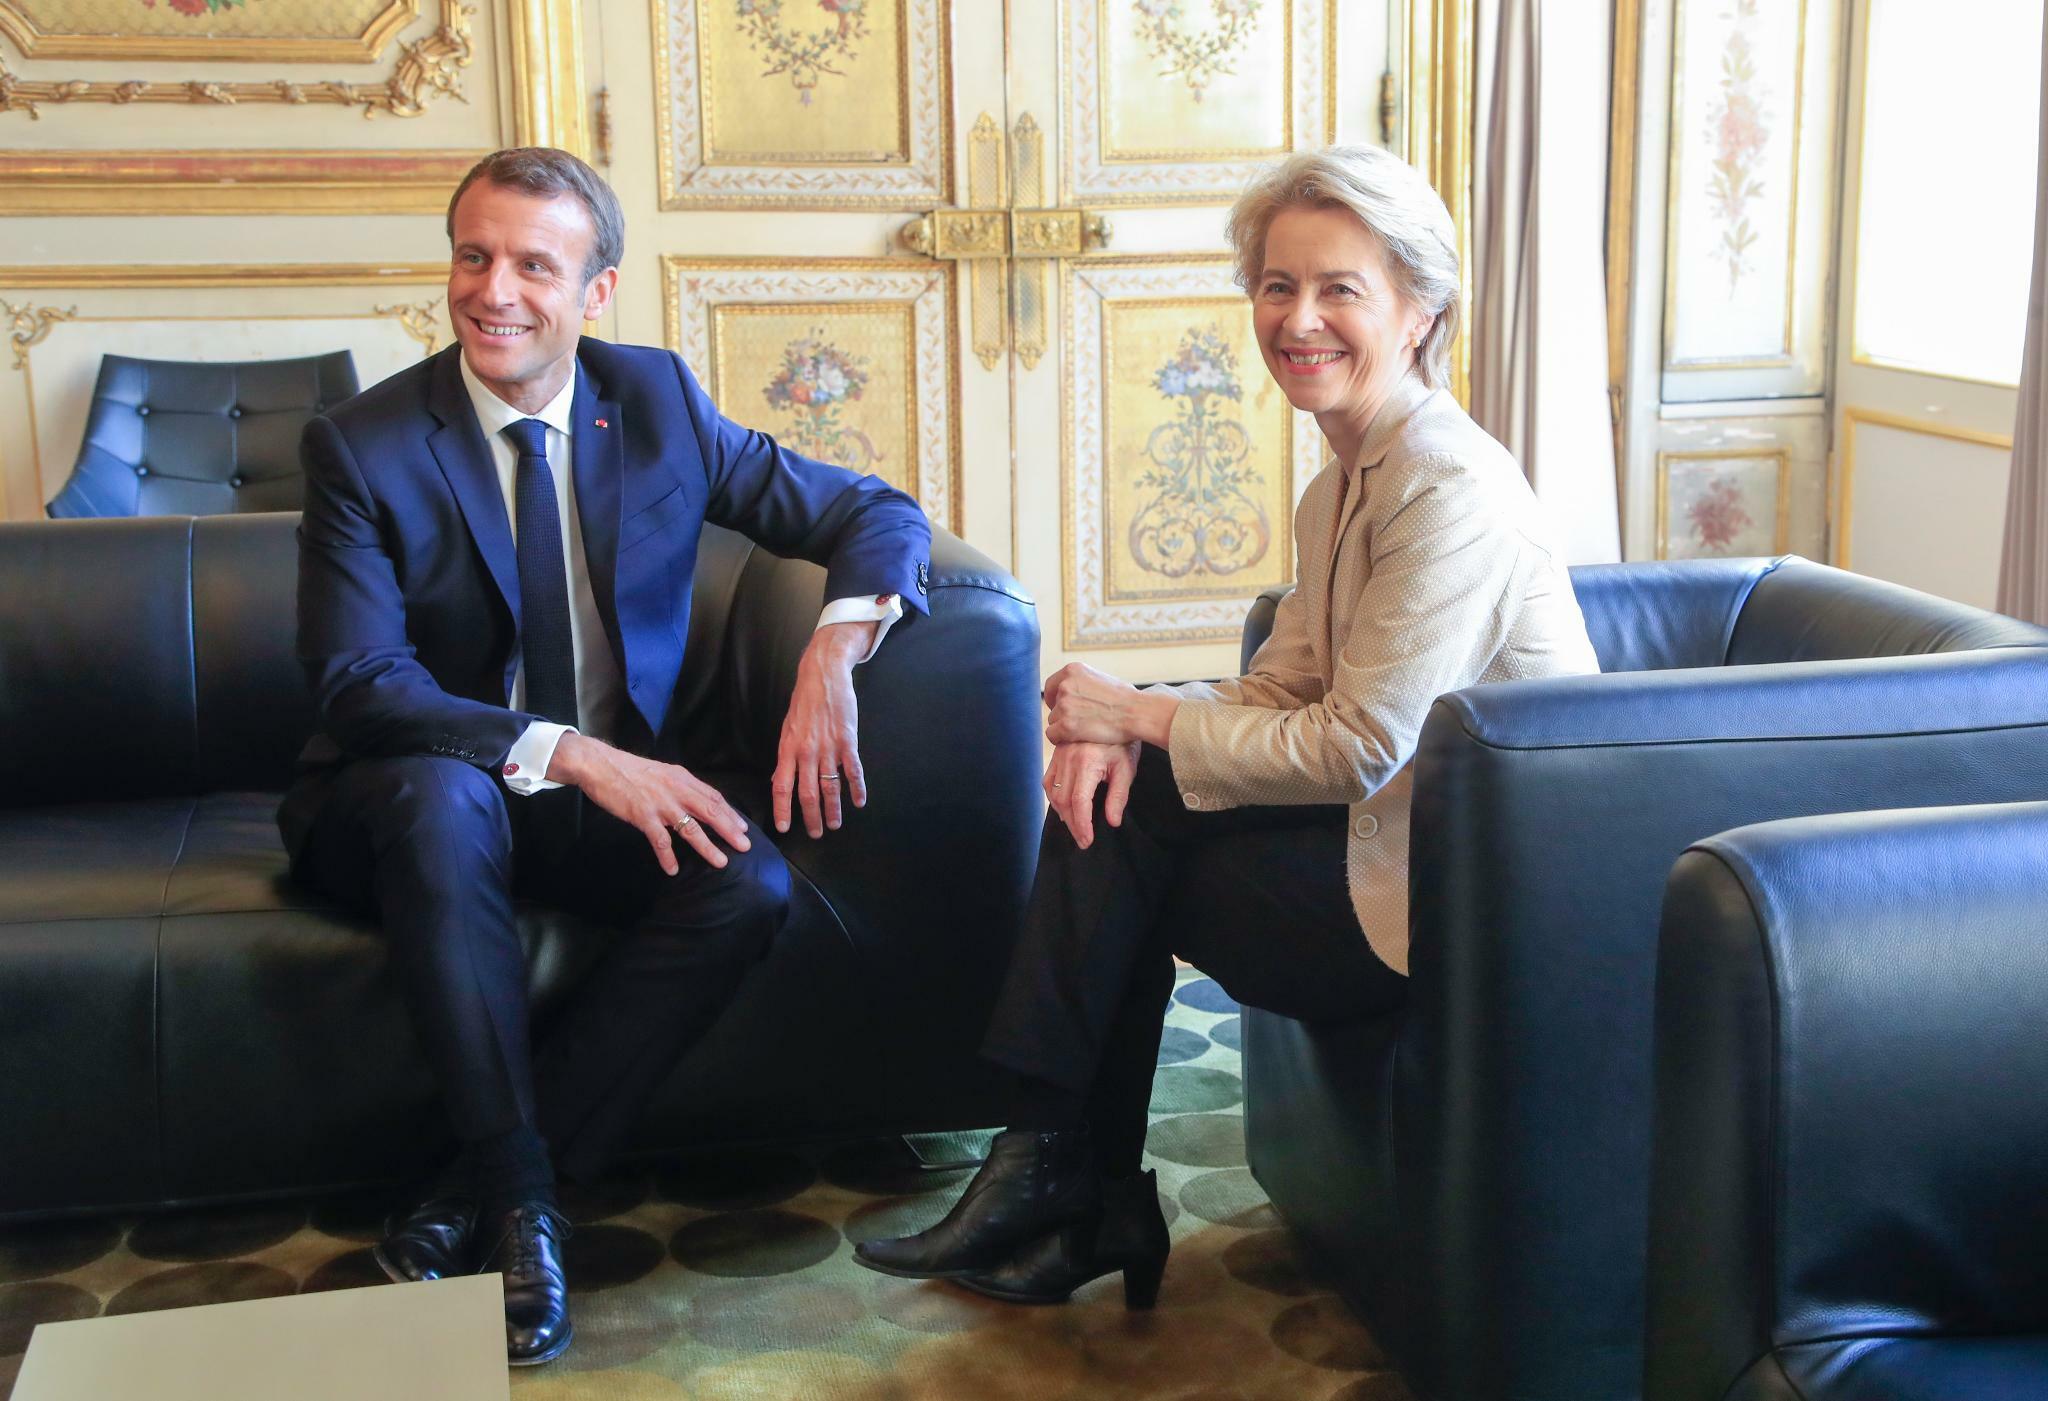 Macron empfängt von der Leyen nach Kommissarsdebakel